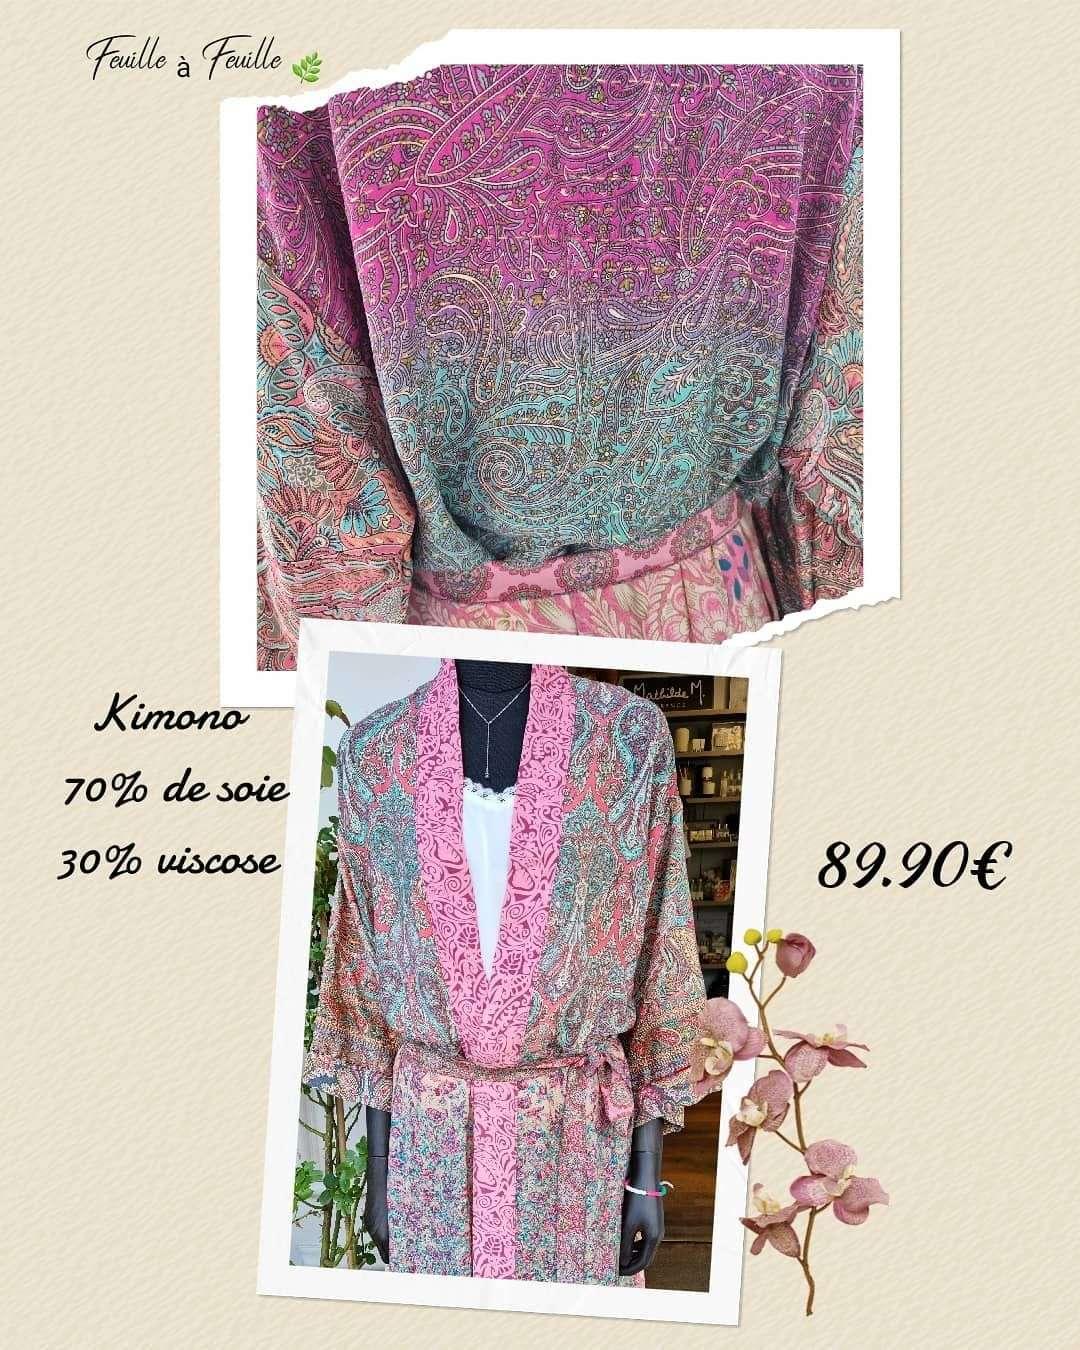 Une Kimono avec un prix raisonnable !